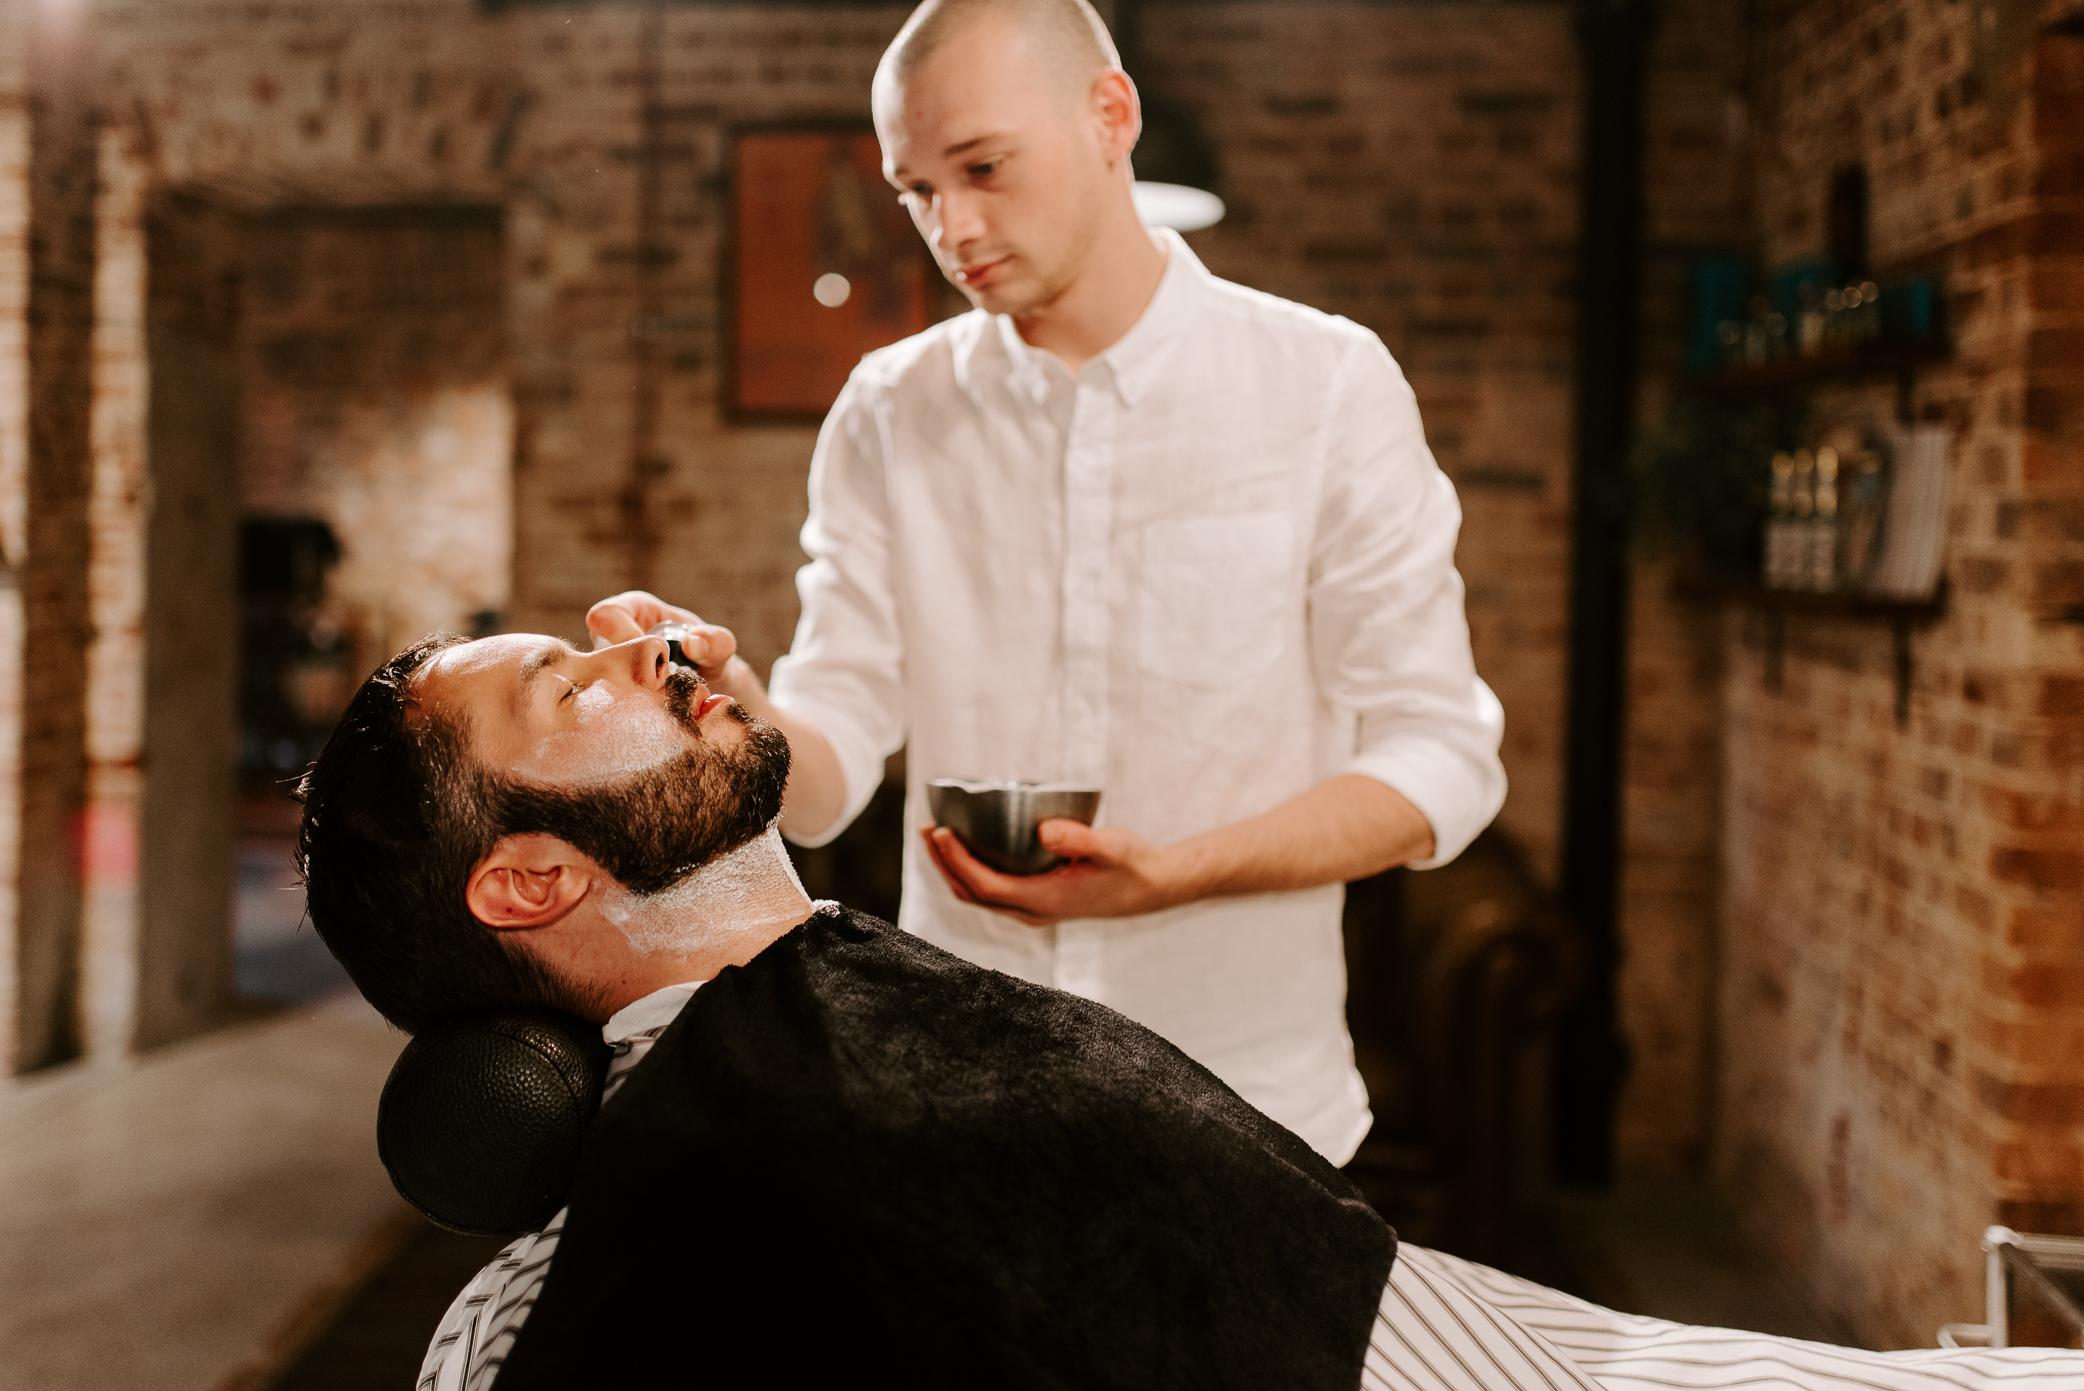 Patrick-barber-web-3.jpg